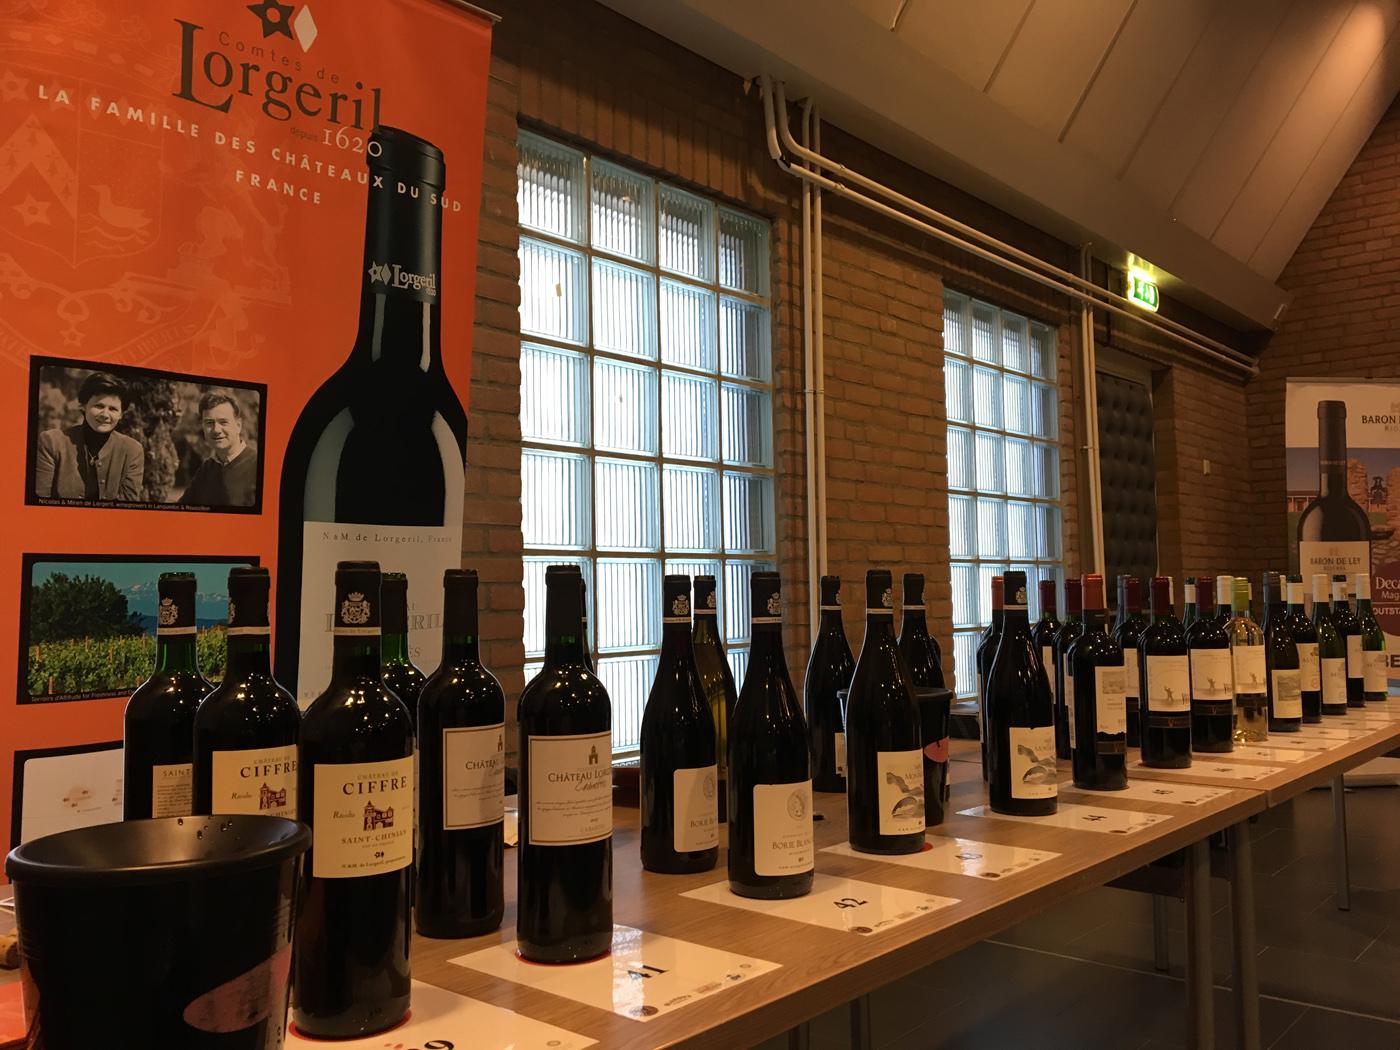 Wijnen Lorgeril Alvis Drift en Vina Ventisquero wijnproeverij in Den Hoorn